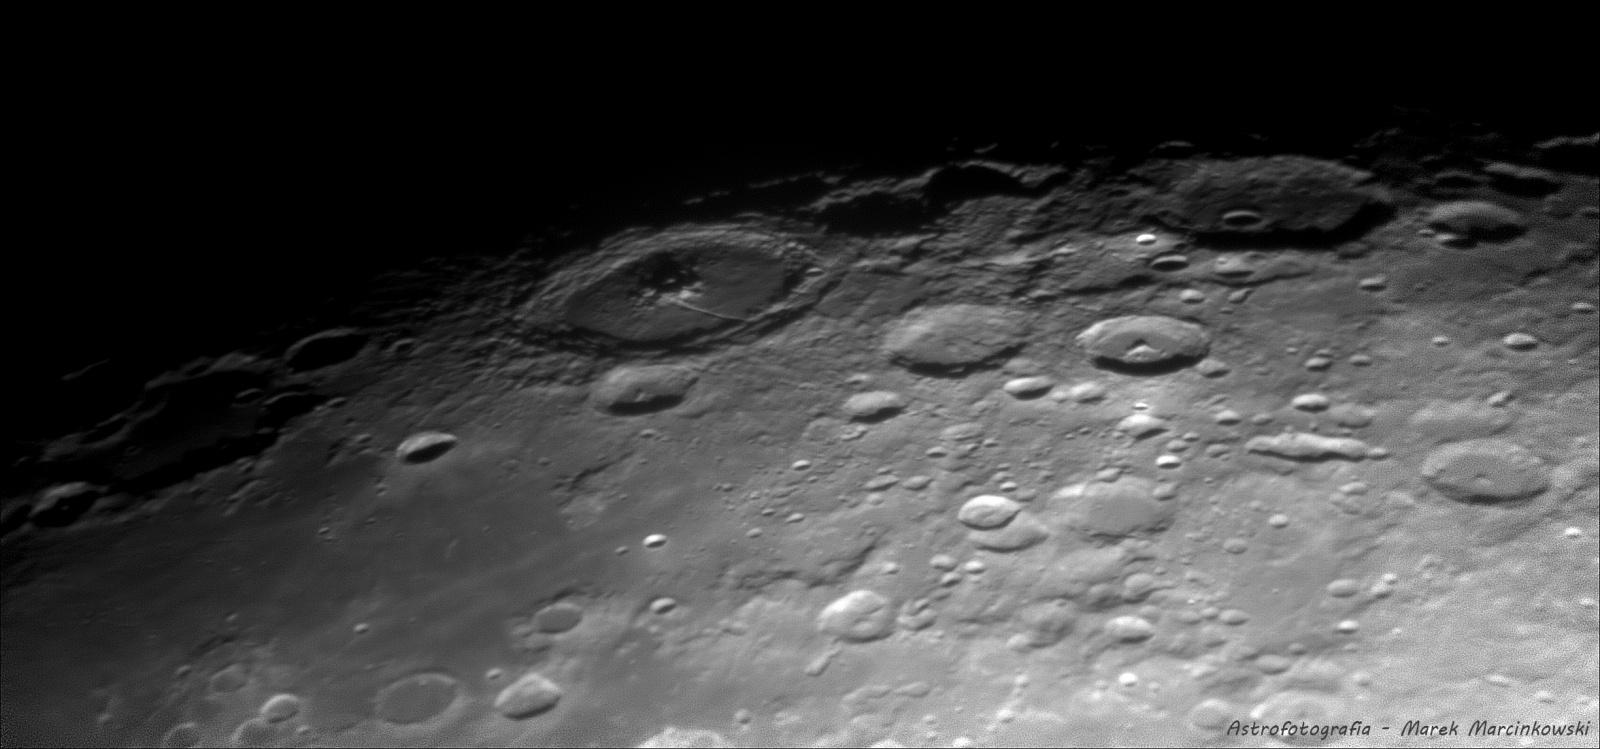 2020-12-31-2022_0-Moon_lapl4_ap174_conv_ps_regi_FB.jpg